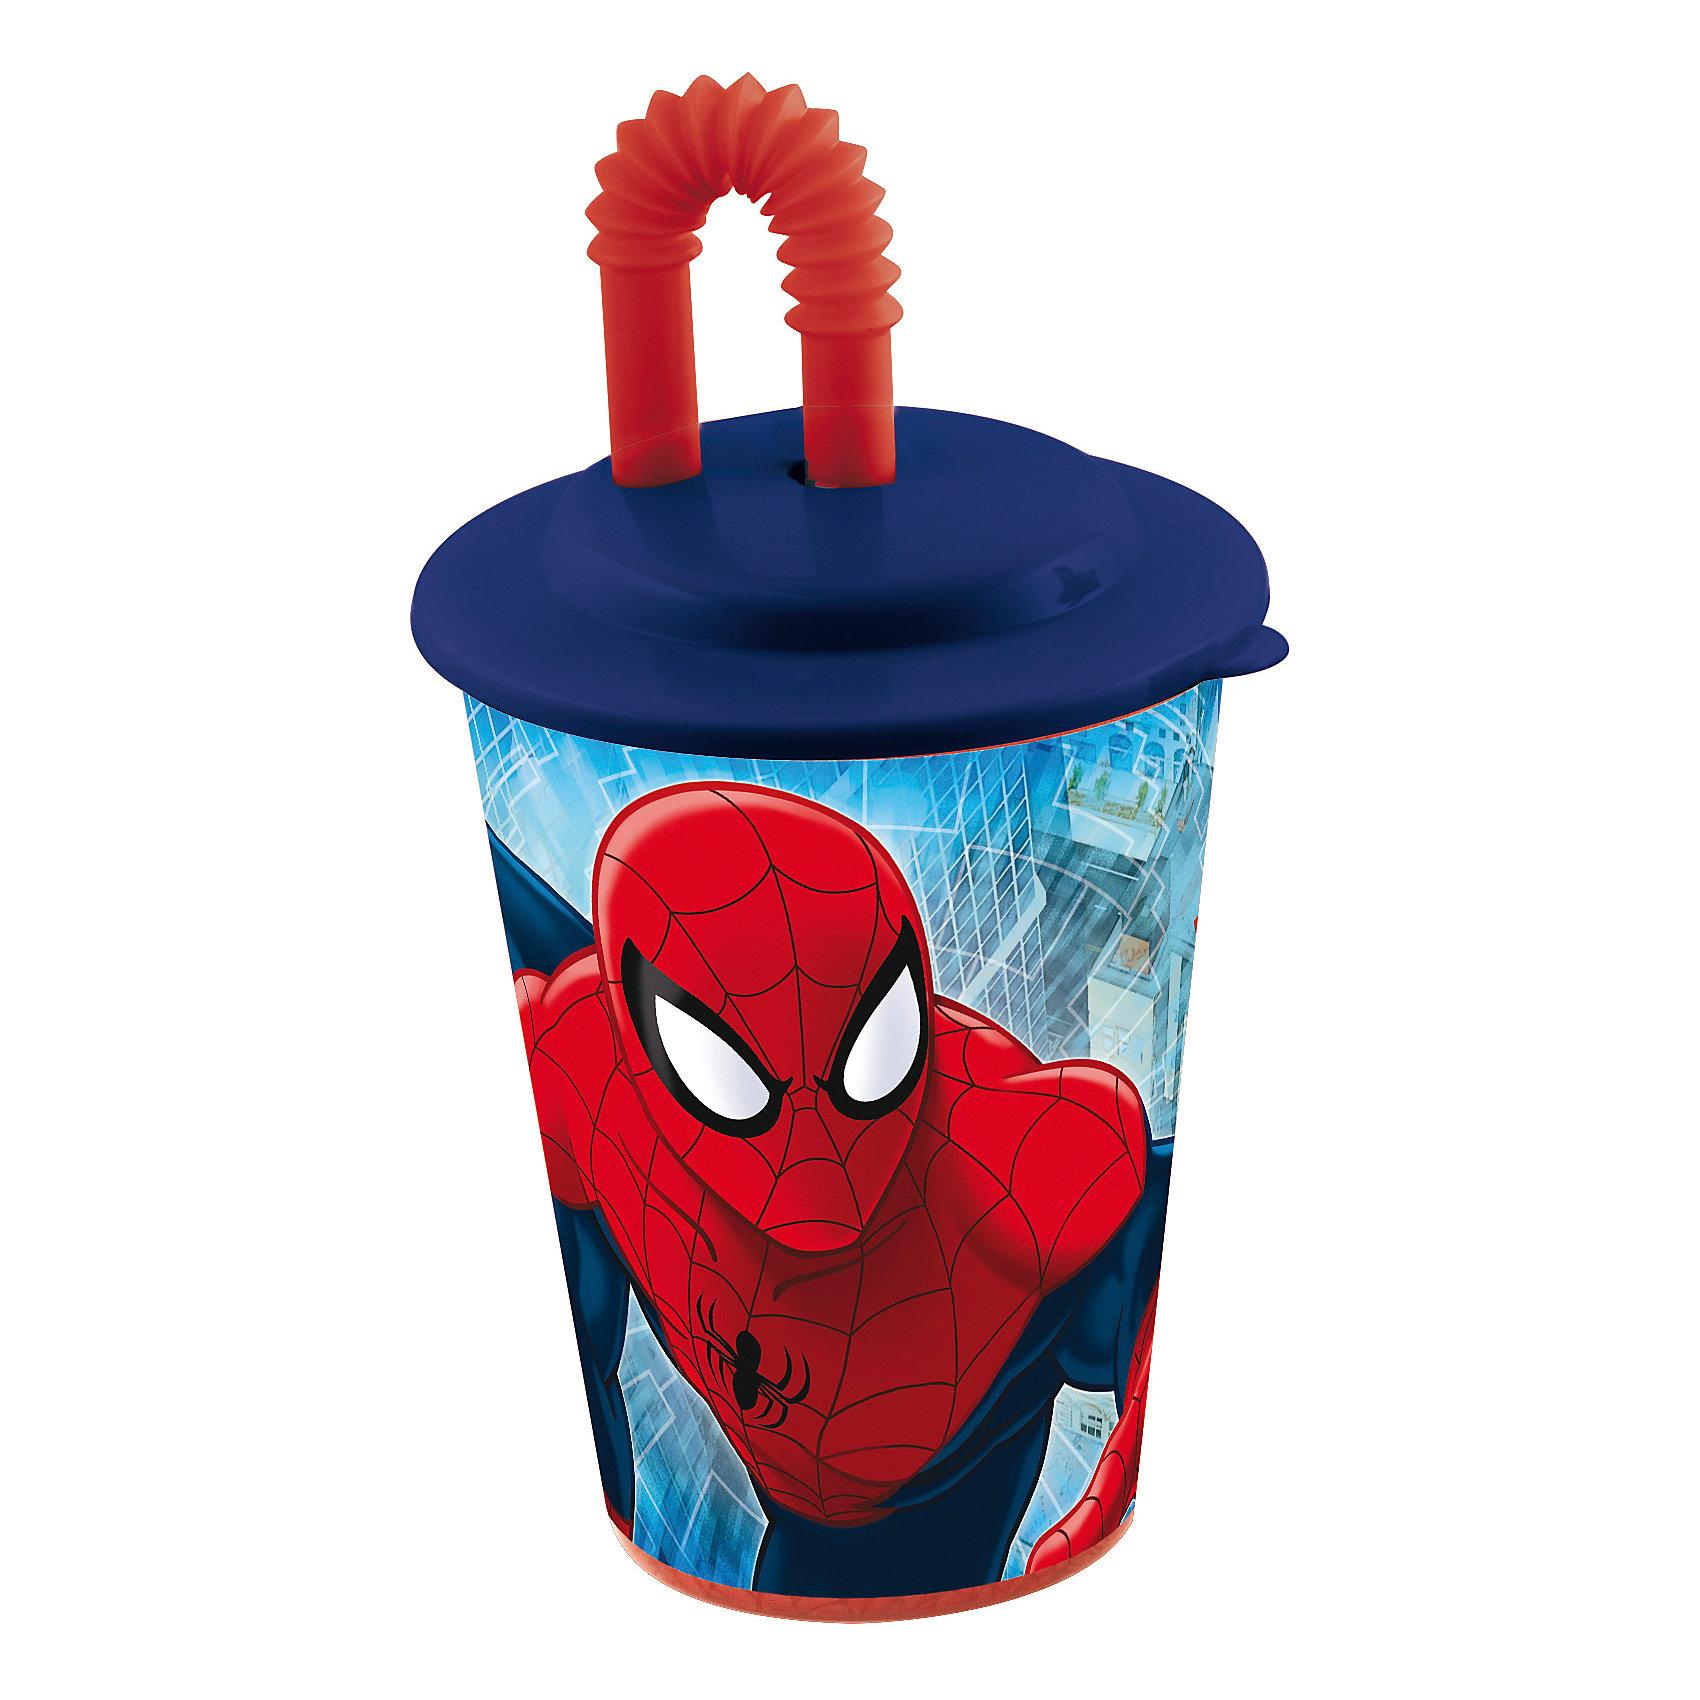 Стакан с крышкой и трубочкой, 450 мл, Человек-ПаукЧеловек-Паук<br>Стакан с изображением любимого героя обязательно понравится мальчишкам. Пить из него приятнее вдвойне! Стакан имеет удобную крышку, исключающую проливание и гибкую трубочку, выполнен из высококачественного экологичного пищевого пластика. Пластиковая посуда - практичная и безопасная, ее можно брать с собой куда угодно, не беспокоясь, что она может разбиться и поранить ребенка.   <br><br>Дополнительная информация:<br><br>- Материал: пластик.<br>- Объем: 450 мл.<br><br>Стакан с крышкой и трубочкой, 450 мл, Человек-Паук (Spider-Man), можно купить в нашем магазине.<br><br>Ширина мм: 95<br>Глубина мм: 95<br>Высота мм: 180<br>Вес г: 75<br>Возраст от месяцев: 36<br>Возраст до месяцев: 144<br>Пол: Мужской<br>Возраст: Детский<br>SKU: 4761392